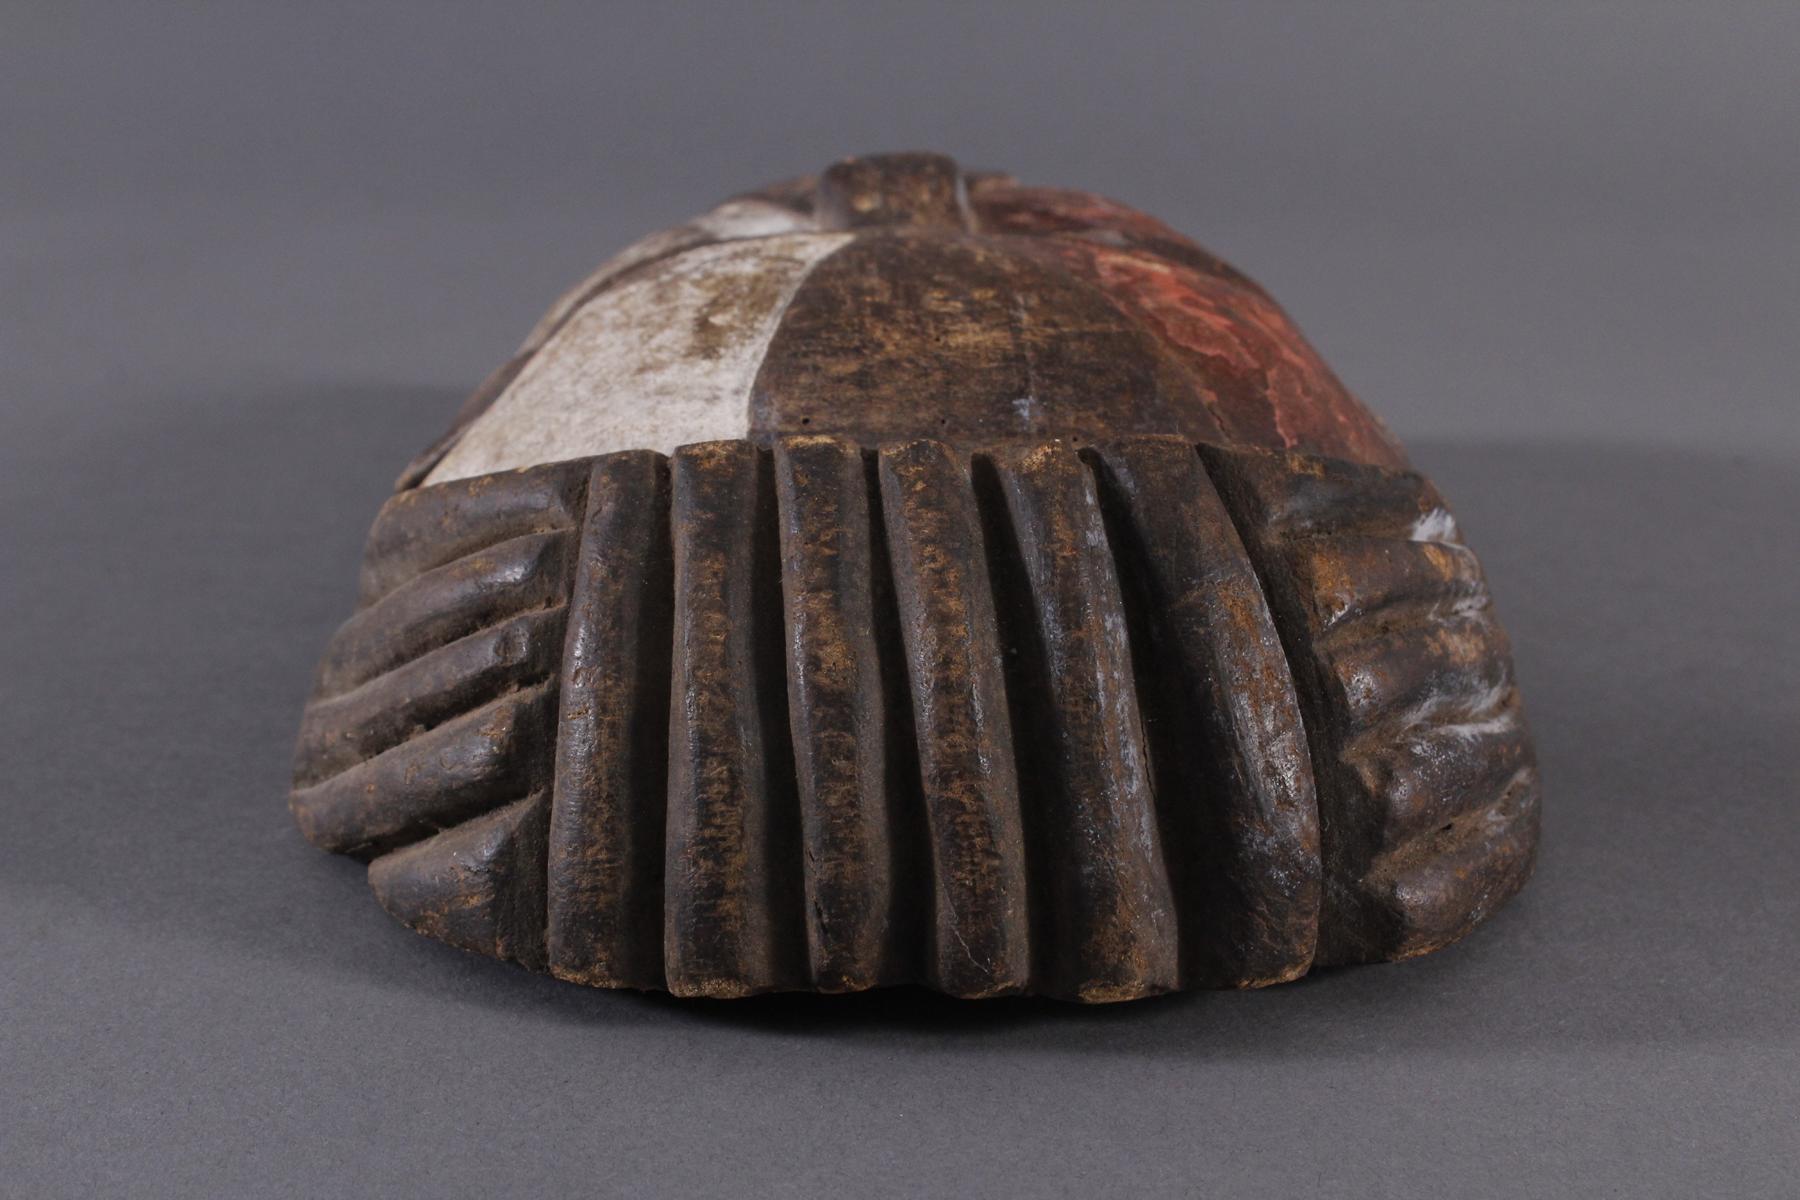 Antike Afrikanische Maske, 1. Hälfte 20. Jh.Holz geschnitzt und farbig gefaßt, durchbrochene - Bild 4 aus 6